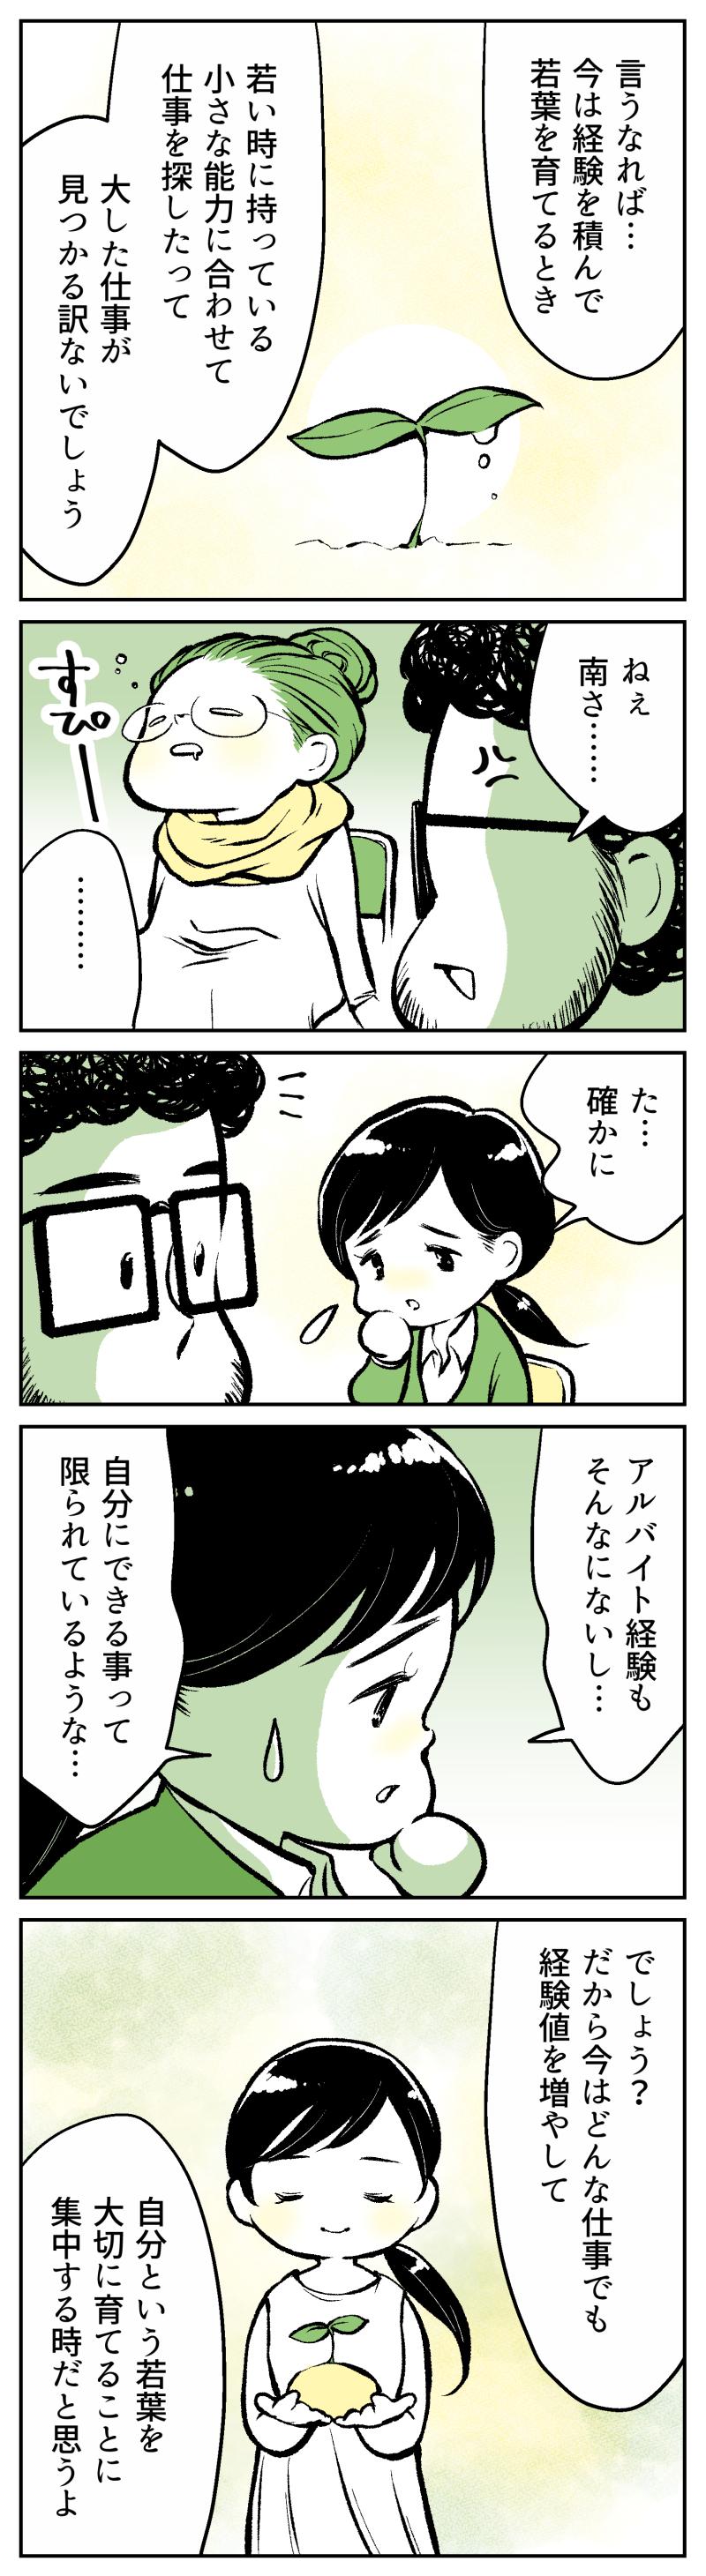 伯爵3話_004.jpg